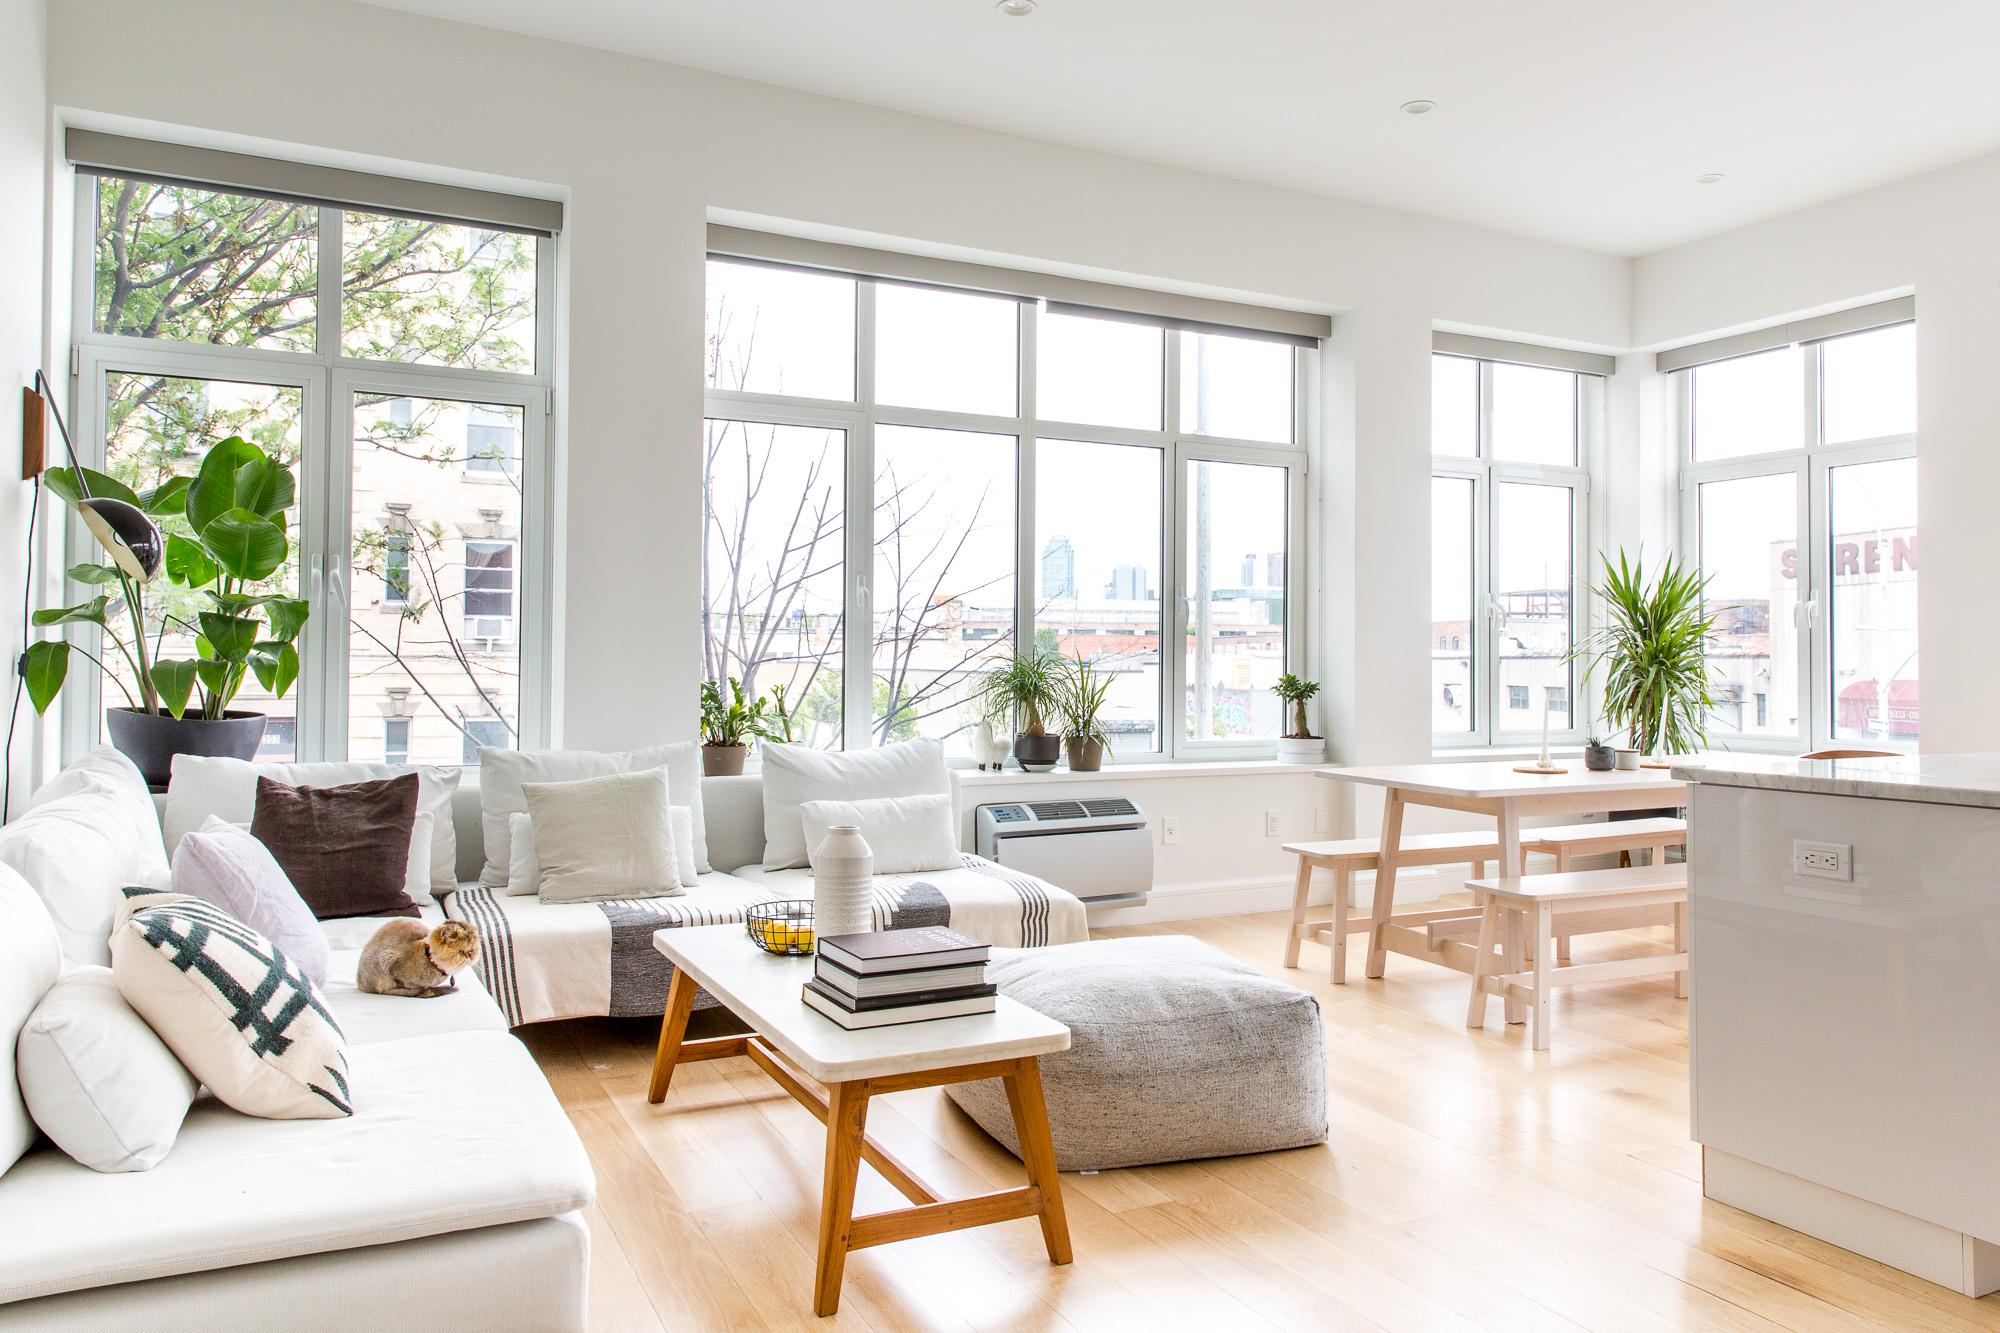 3 trucos para tener siempre una casa limpia y ordenada